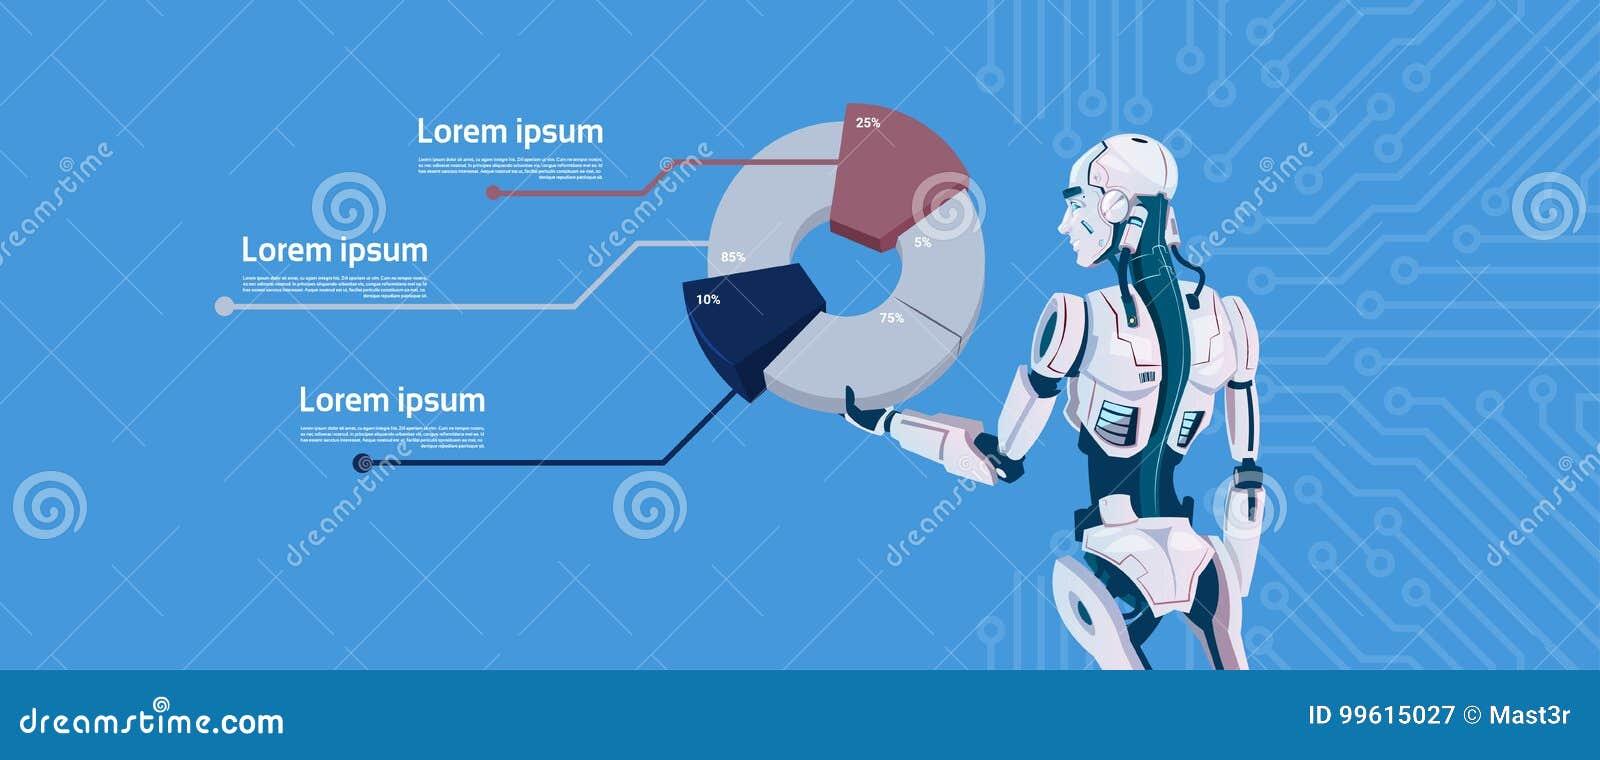 Диаграмма современным владением робота графическая, футуристическая технология механизма искусственного интеллекта